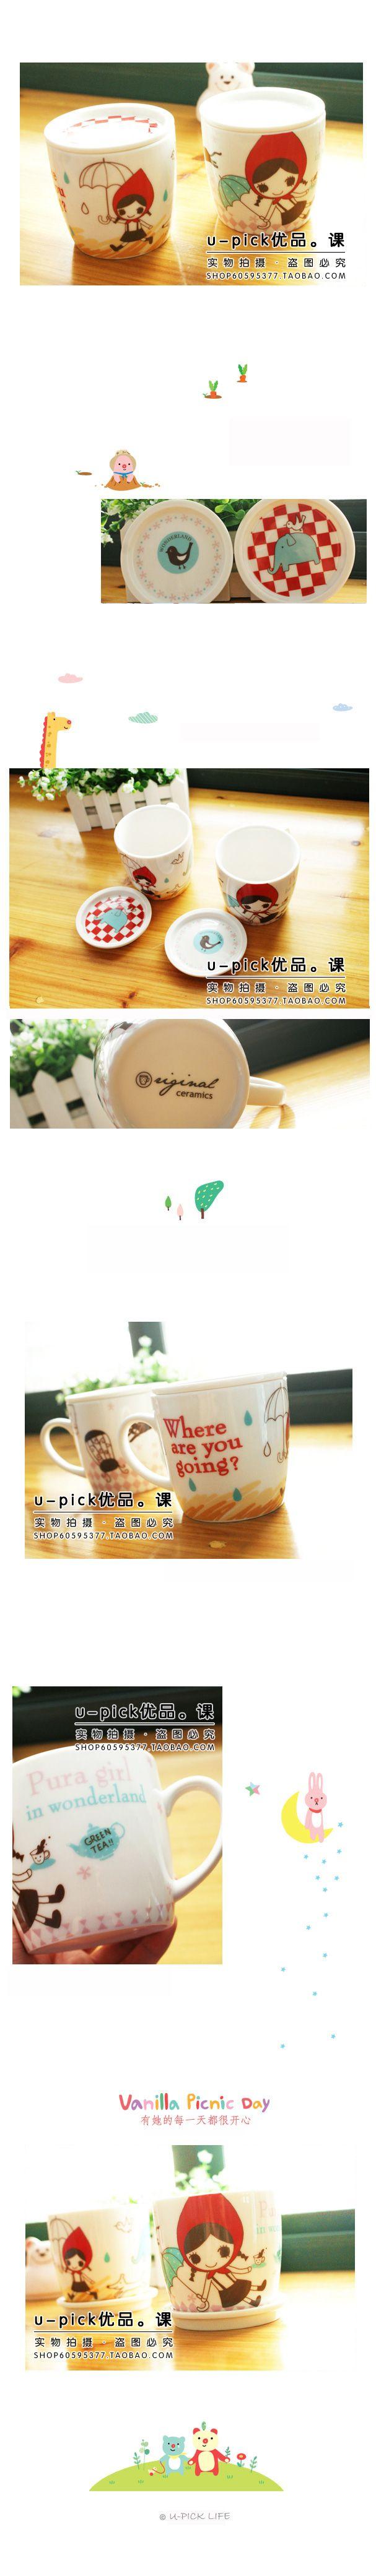 Venta ropa taobao Elefante vida creativa de Corea の cerámica de Pula chica mugs tazas y mug creativa